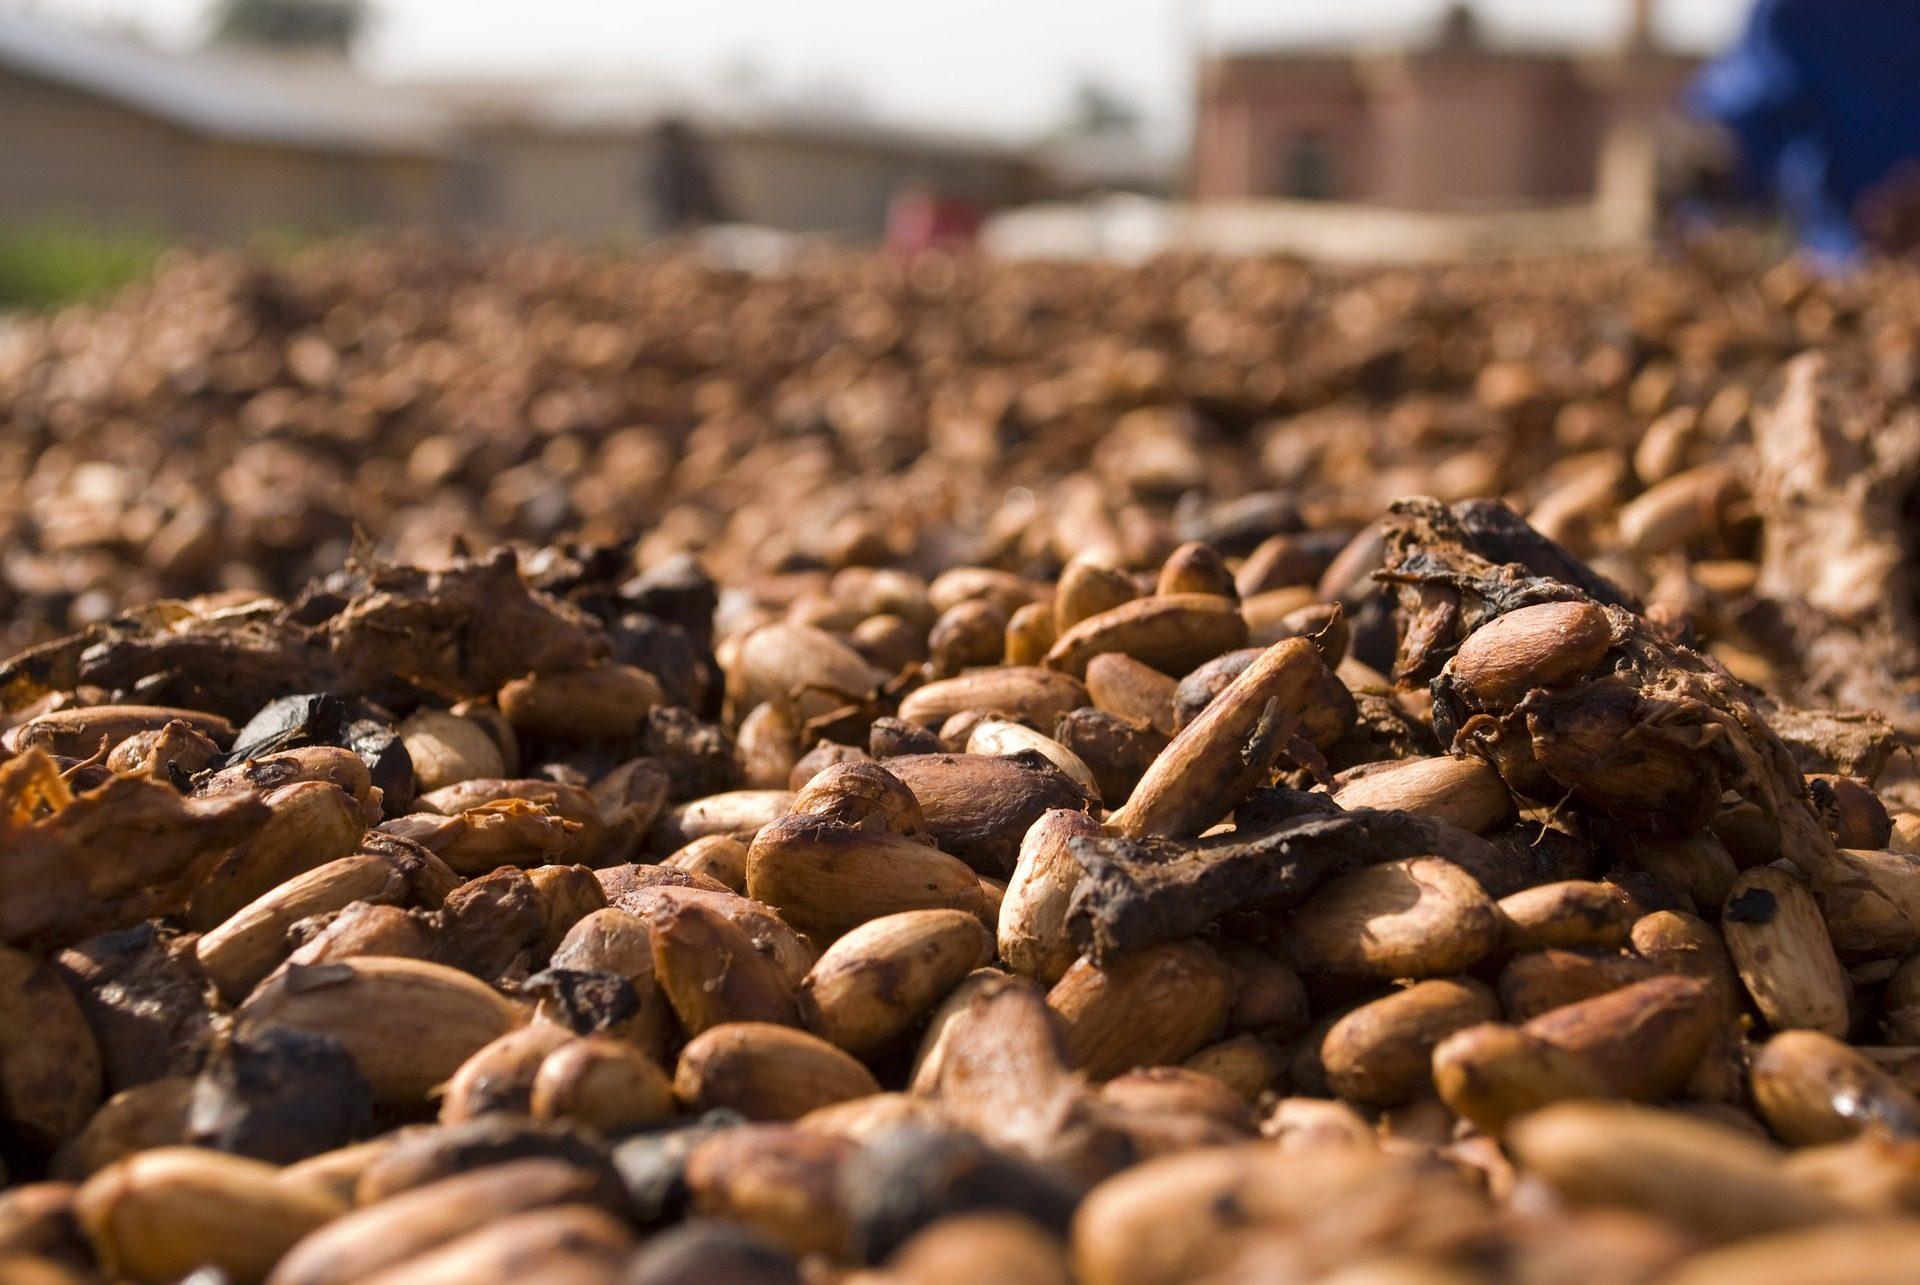 الحبوب, الكاكاو, الشوكولاته, يجمع, الفواكه - خلفيات عالية الدقة - أستاذ falken.com